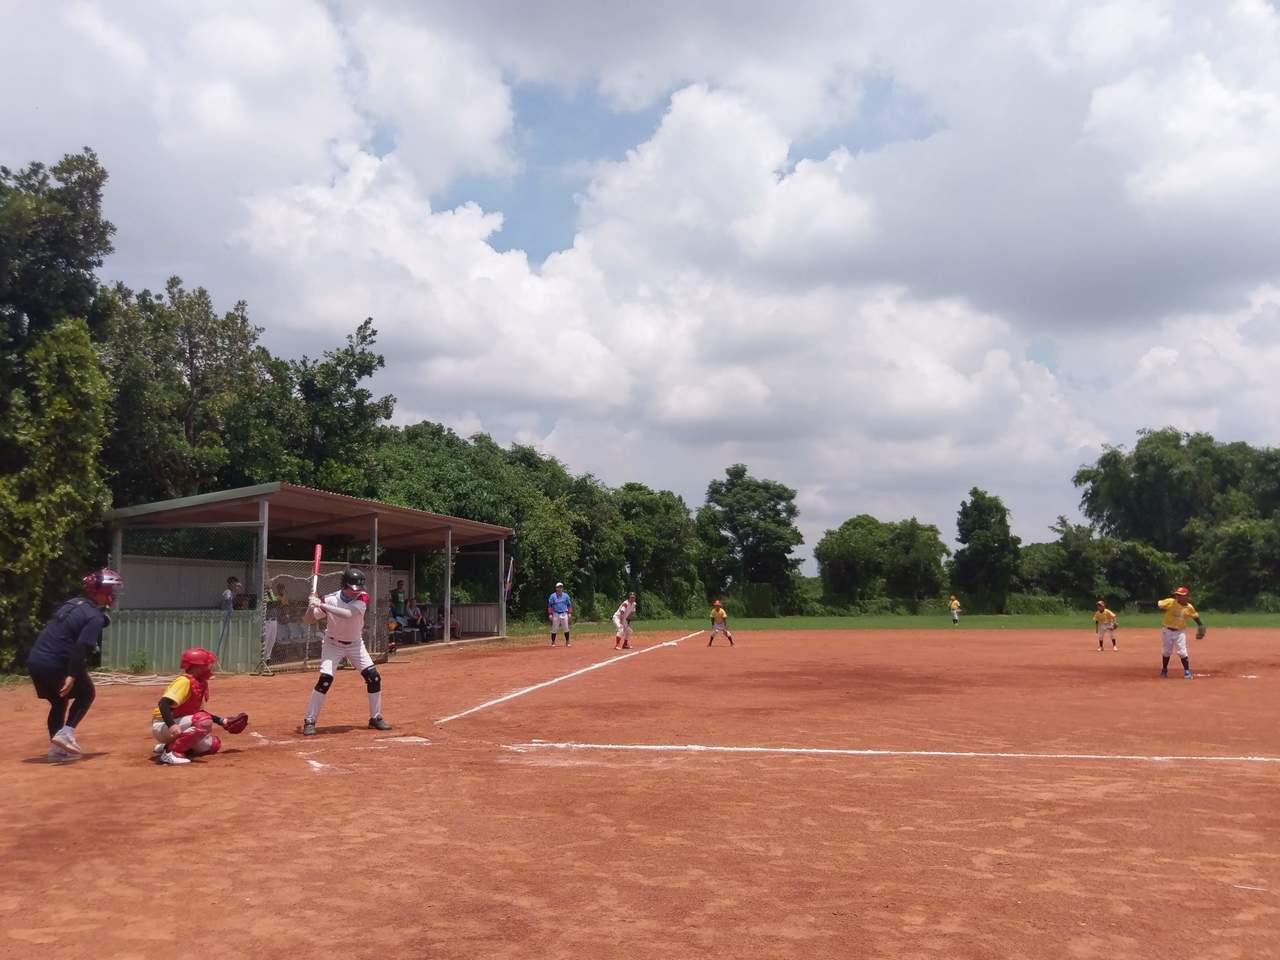 中強光電慢壘隊和秀林國小棒球隊友誼賽。圖/秀林國小提供